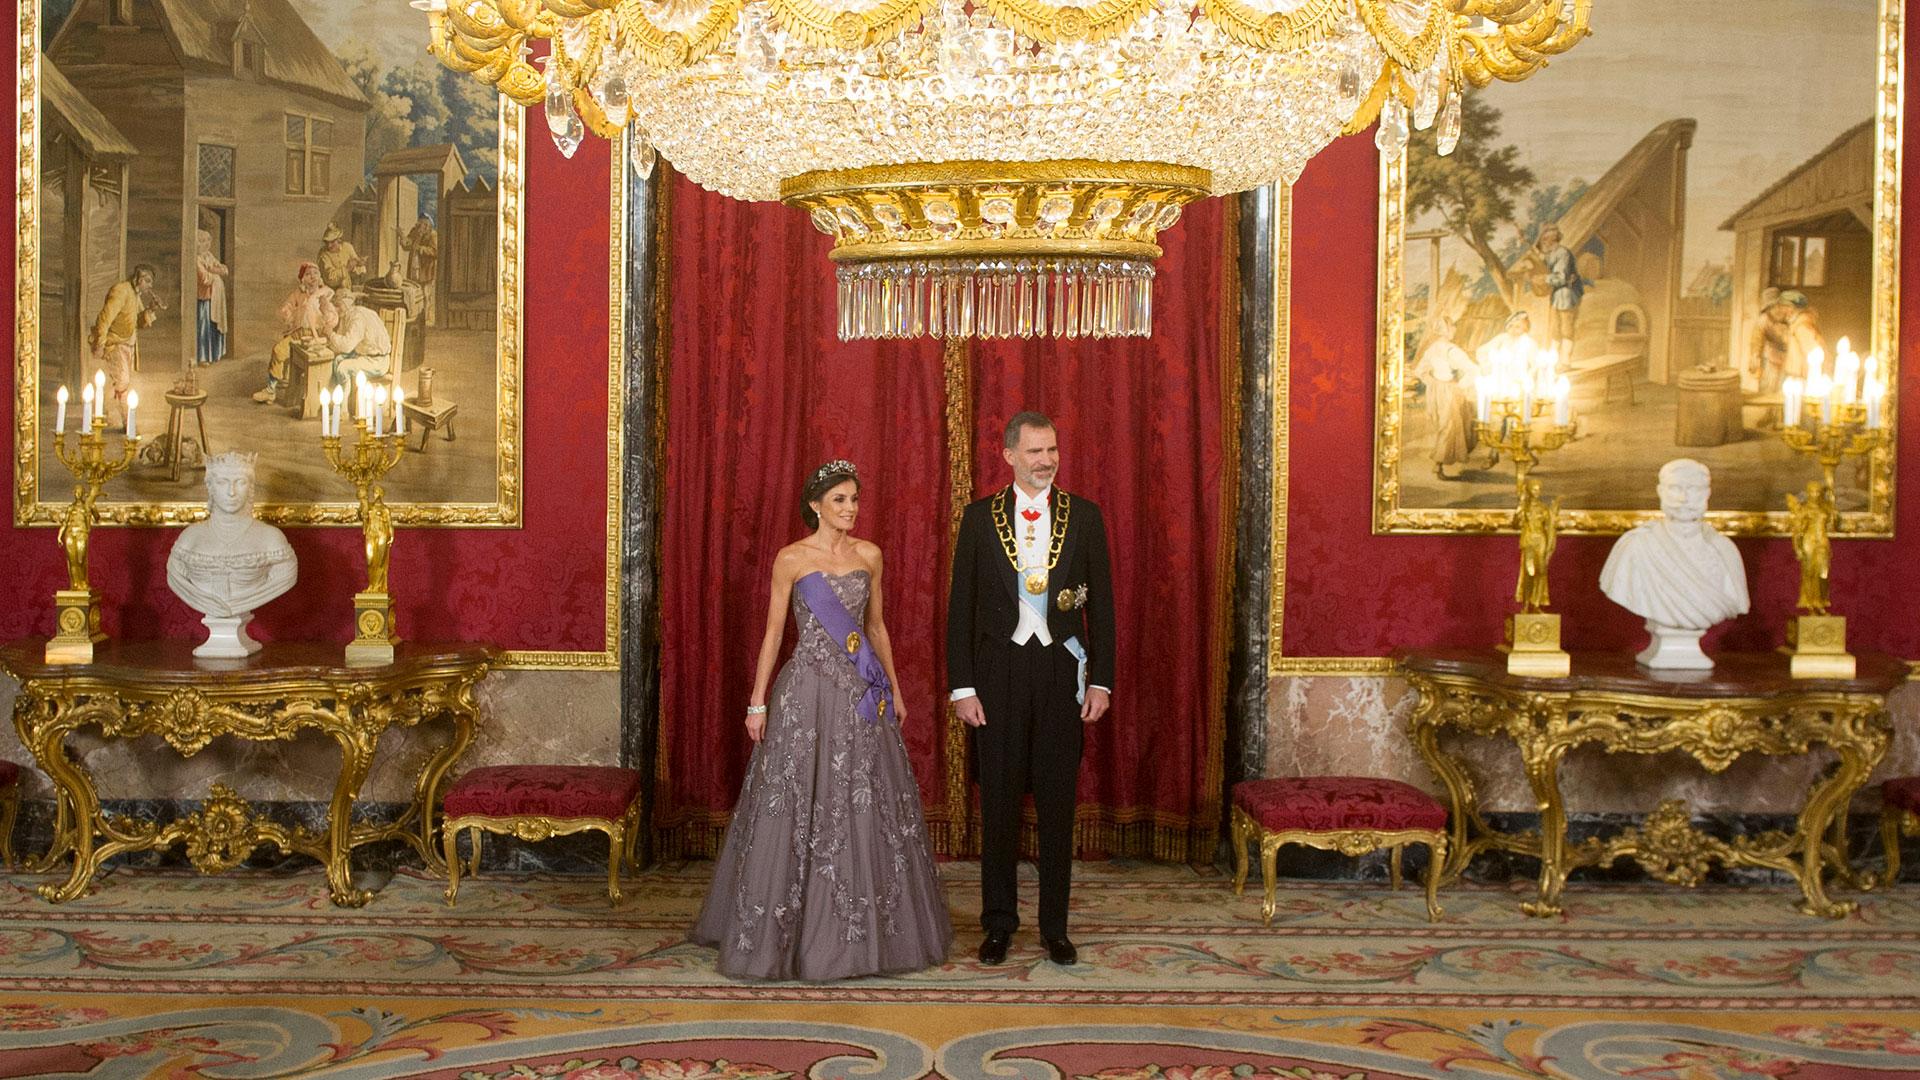 En todas sus apariciones públicas, los monarcas españoles impactan por su elegancia.